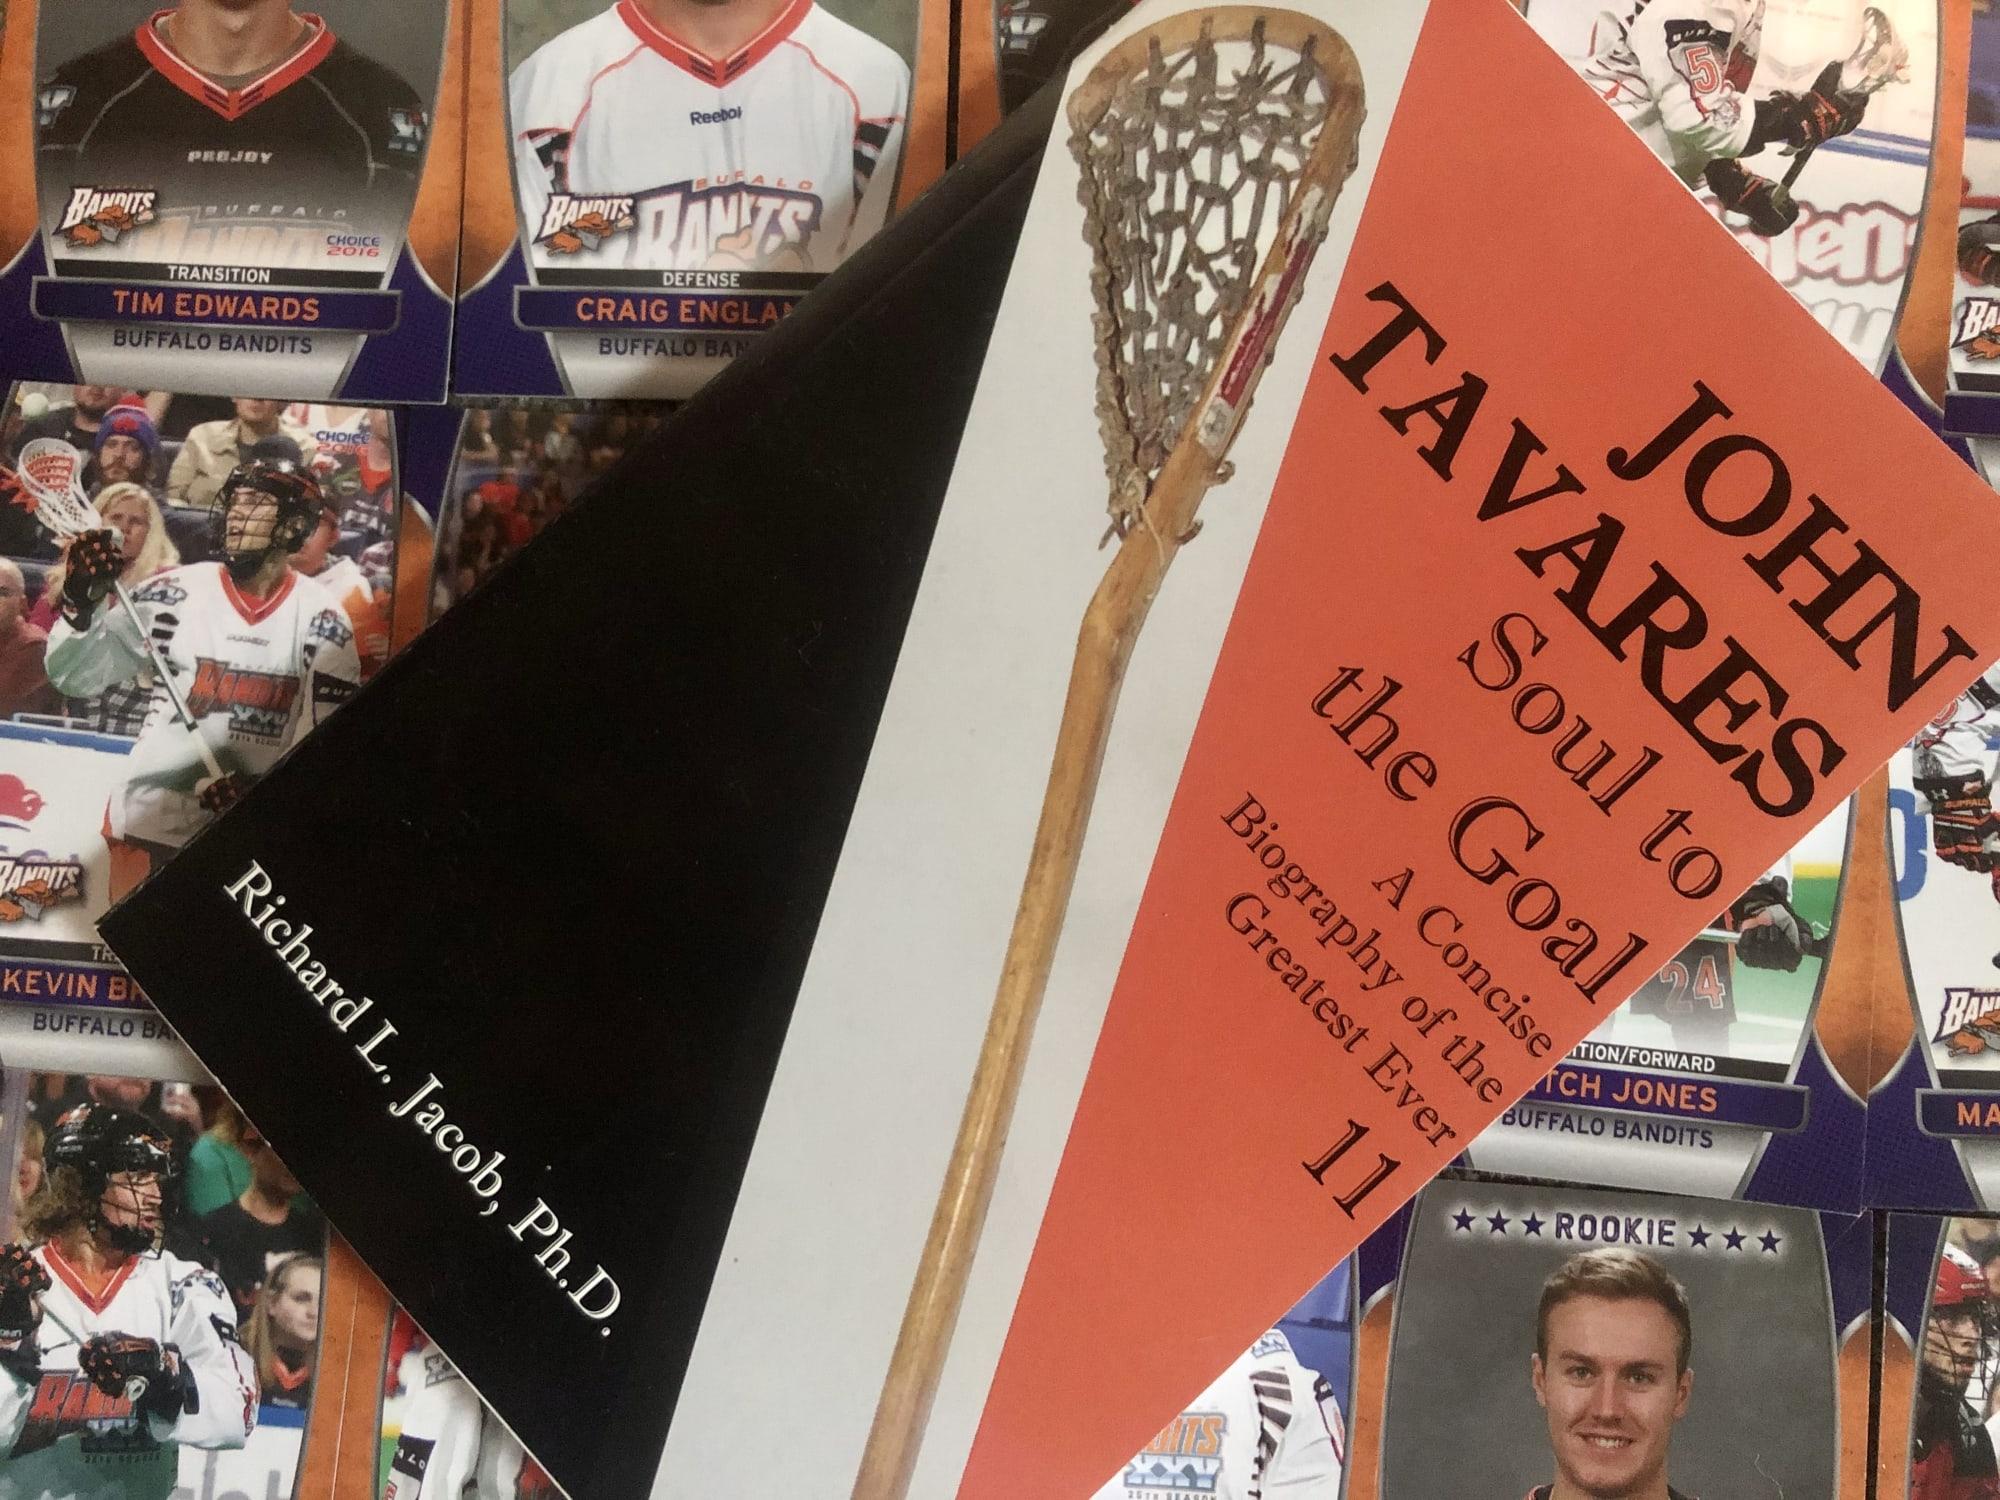 John Tavares: Soul to the Goal by Richard L. Jacob - Lacrosse Book Reports